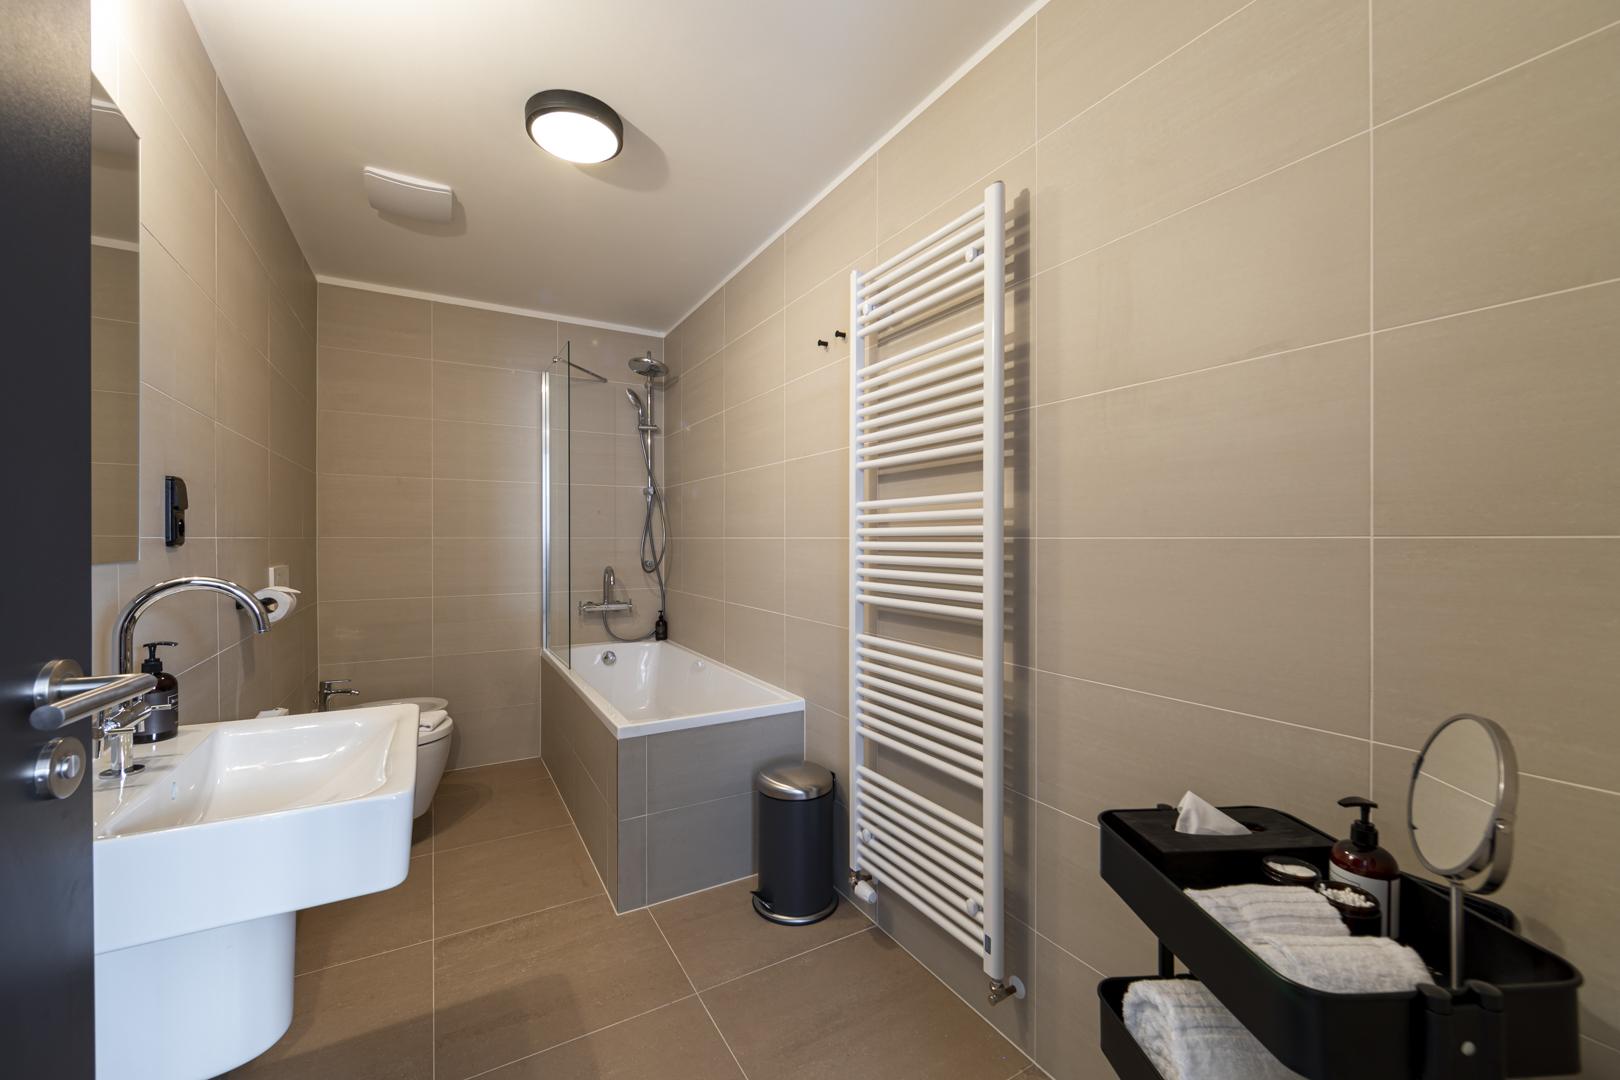 Miss Sophie's Downtown quadtruple room bathroom